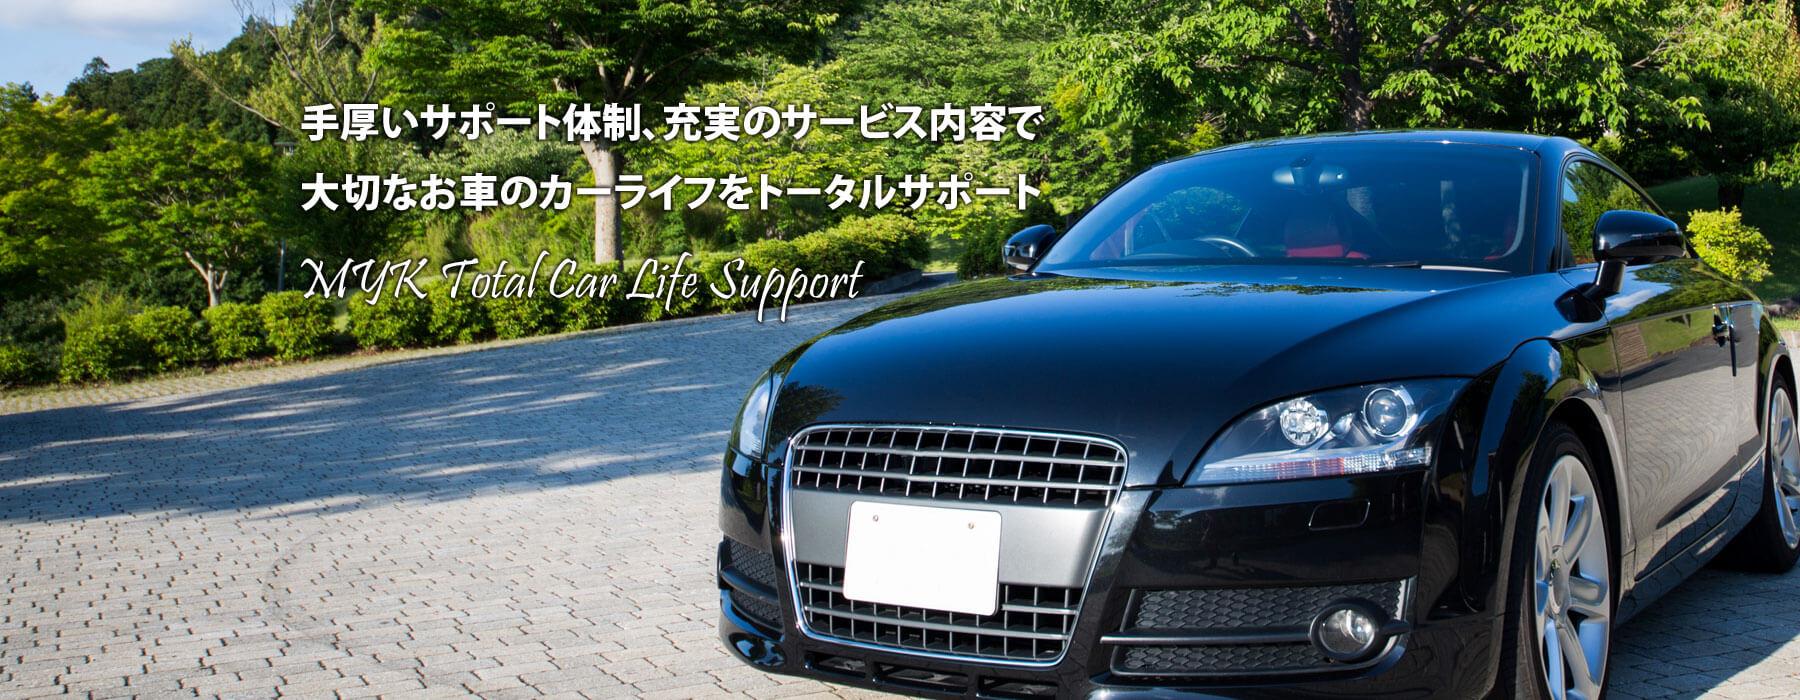 手厚いサポート体制、充実のサービス内容で 大切なお車のカーライフをトータルサポート